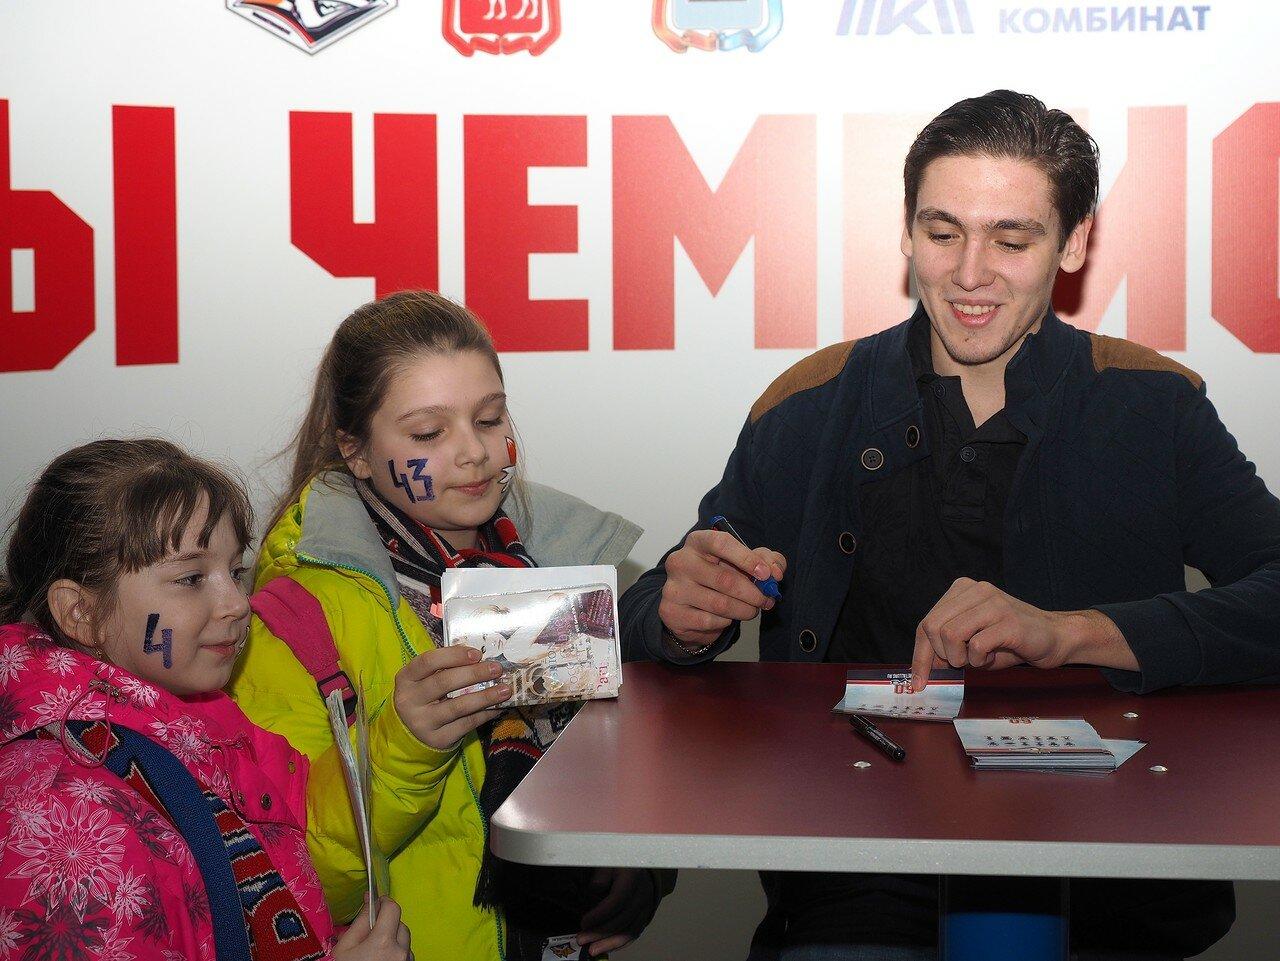 98Металлург - Cпартак 26.12.2015